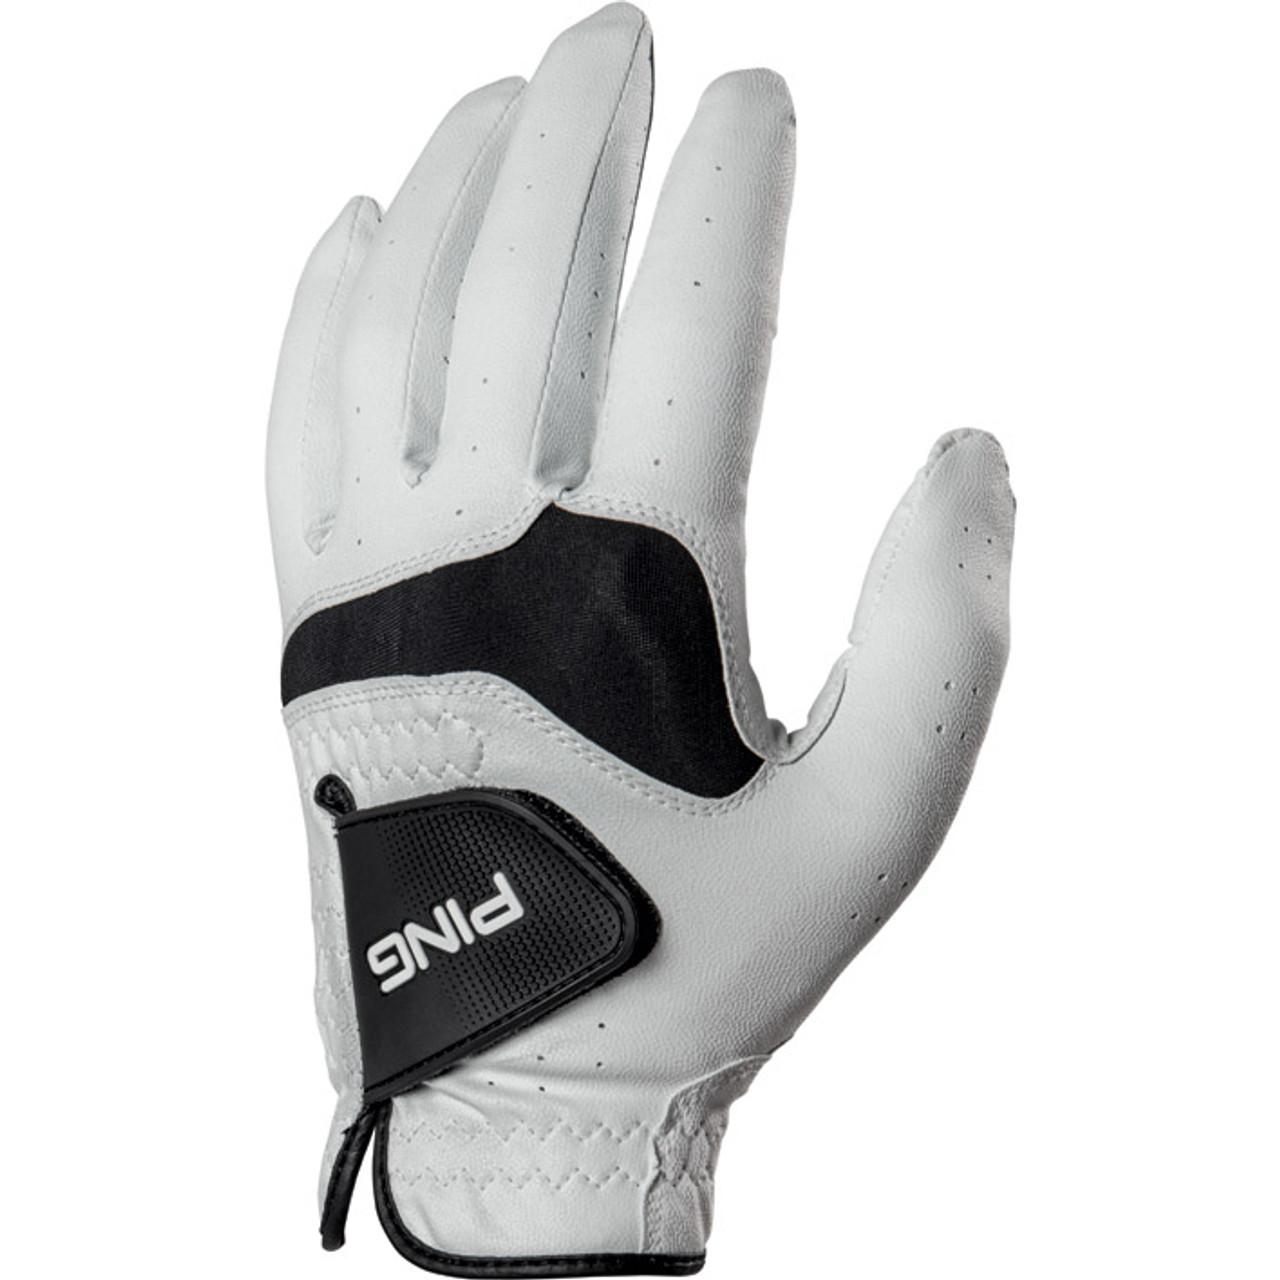 Ping Sport Tech Golf Gloves 6 Pack